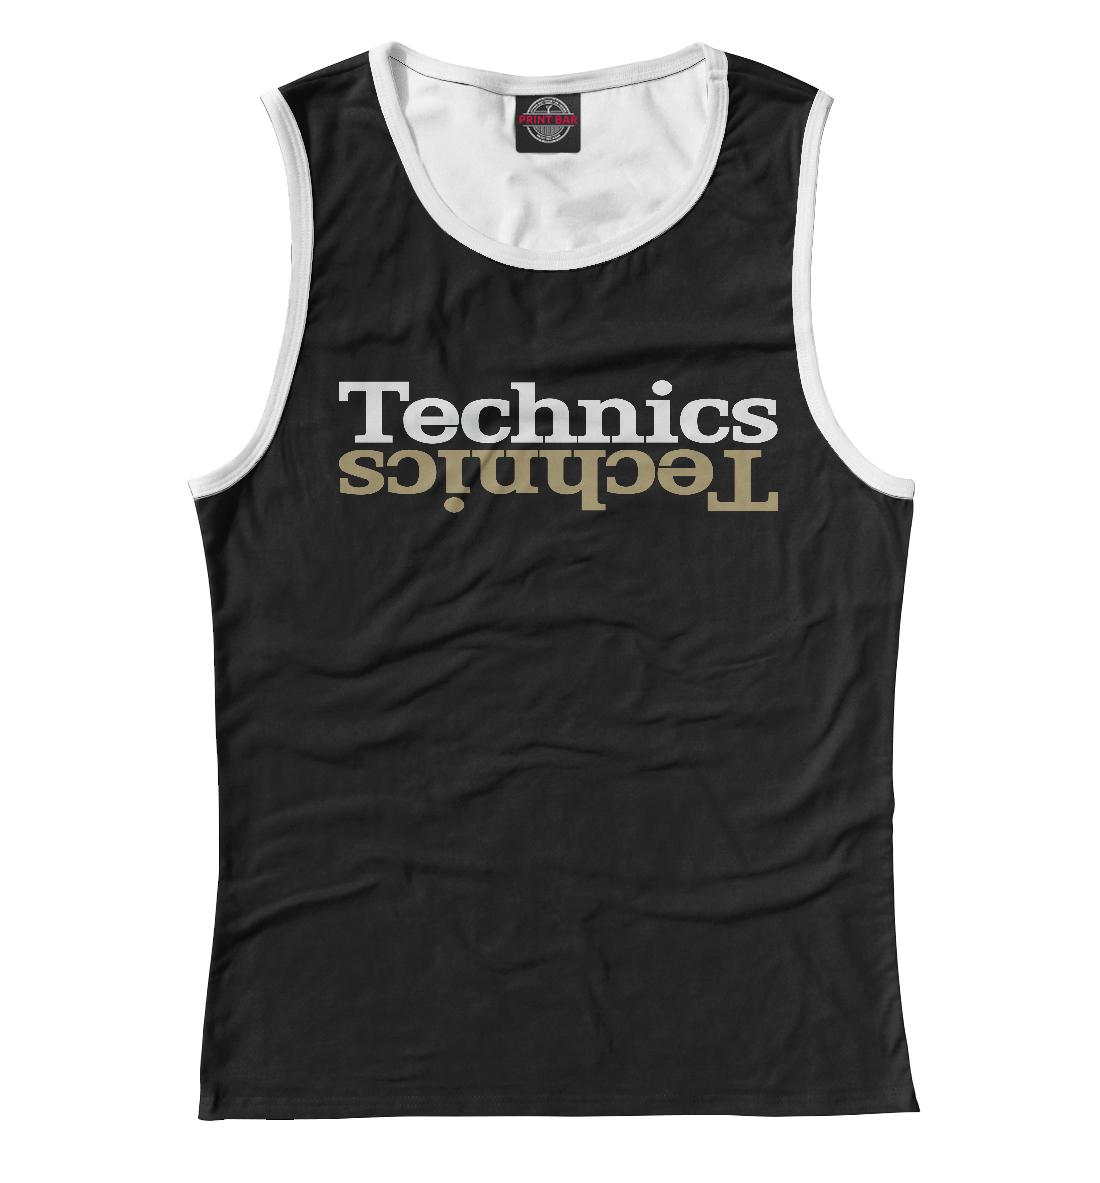 Купить Technics, Printbar, Майки, DJS-741432-may-1